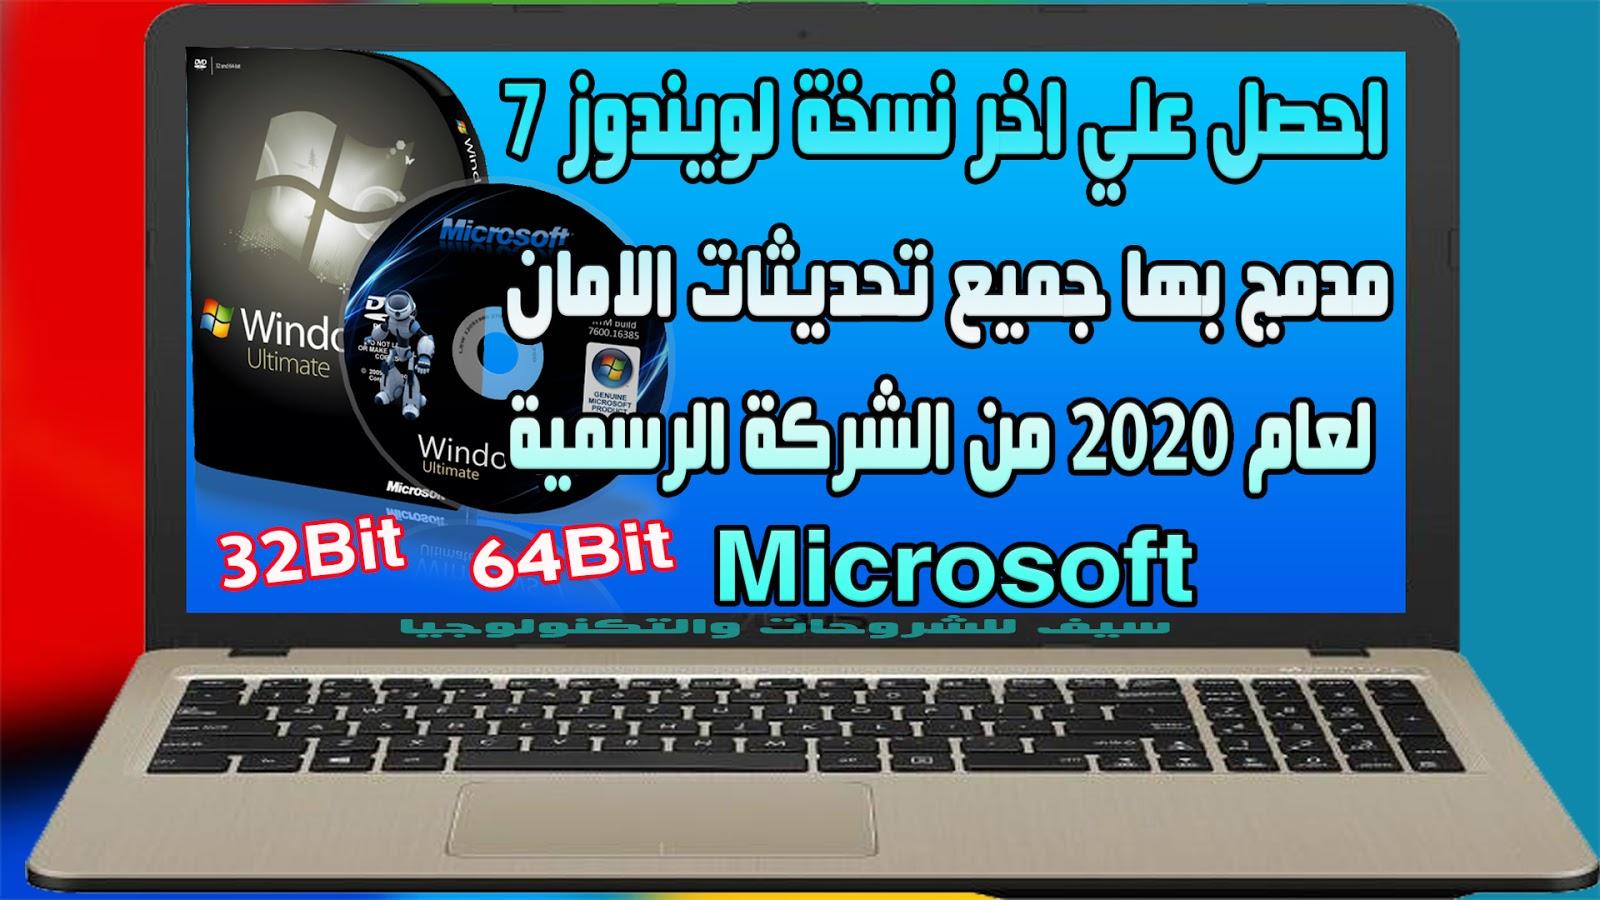 احصل علي اخر نسخة لويندوز 7 مدمج بها جميع تحديثات الامان لعام 2020 من الشركة الرسمية Microsoft